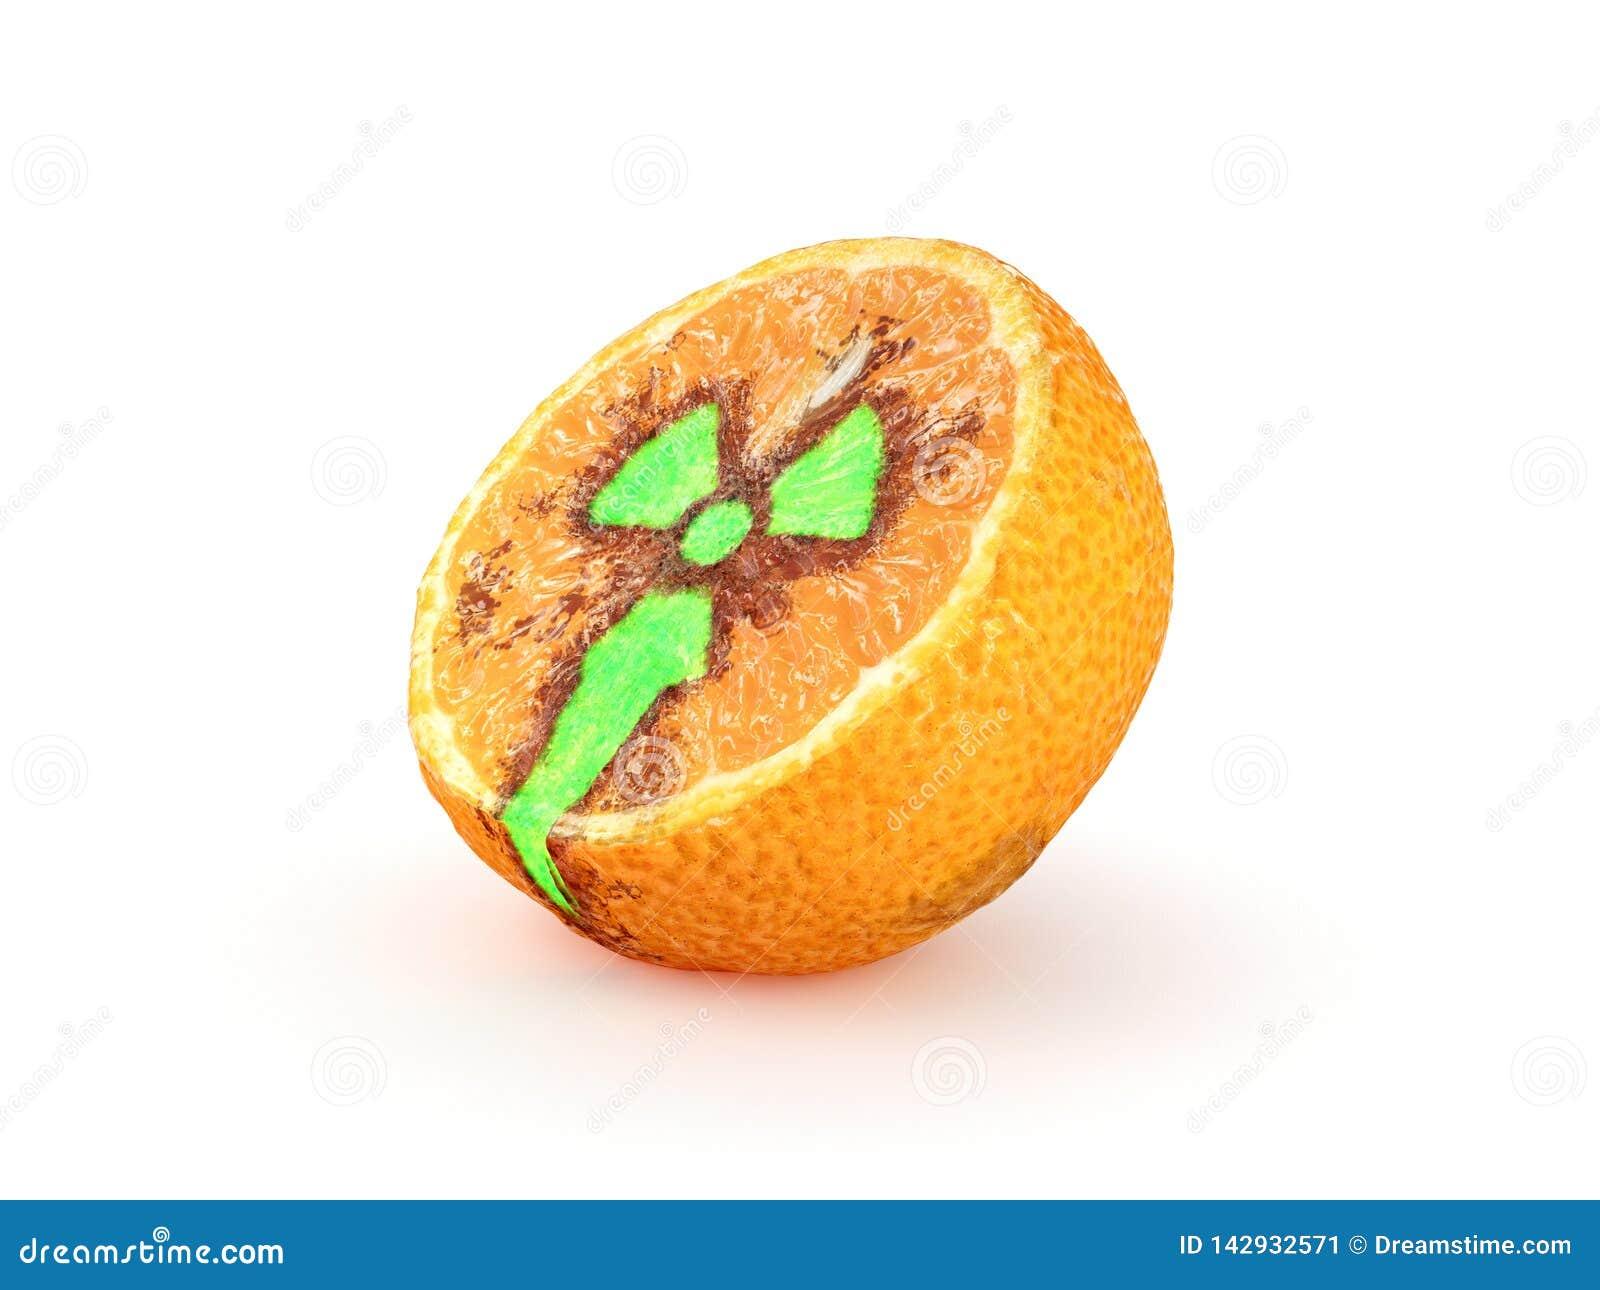 Incliné à moitié de la mandarine avec un signe radioactif rougeoyant